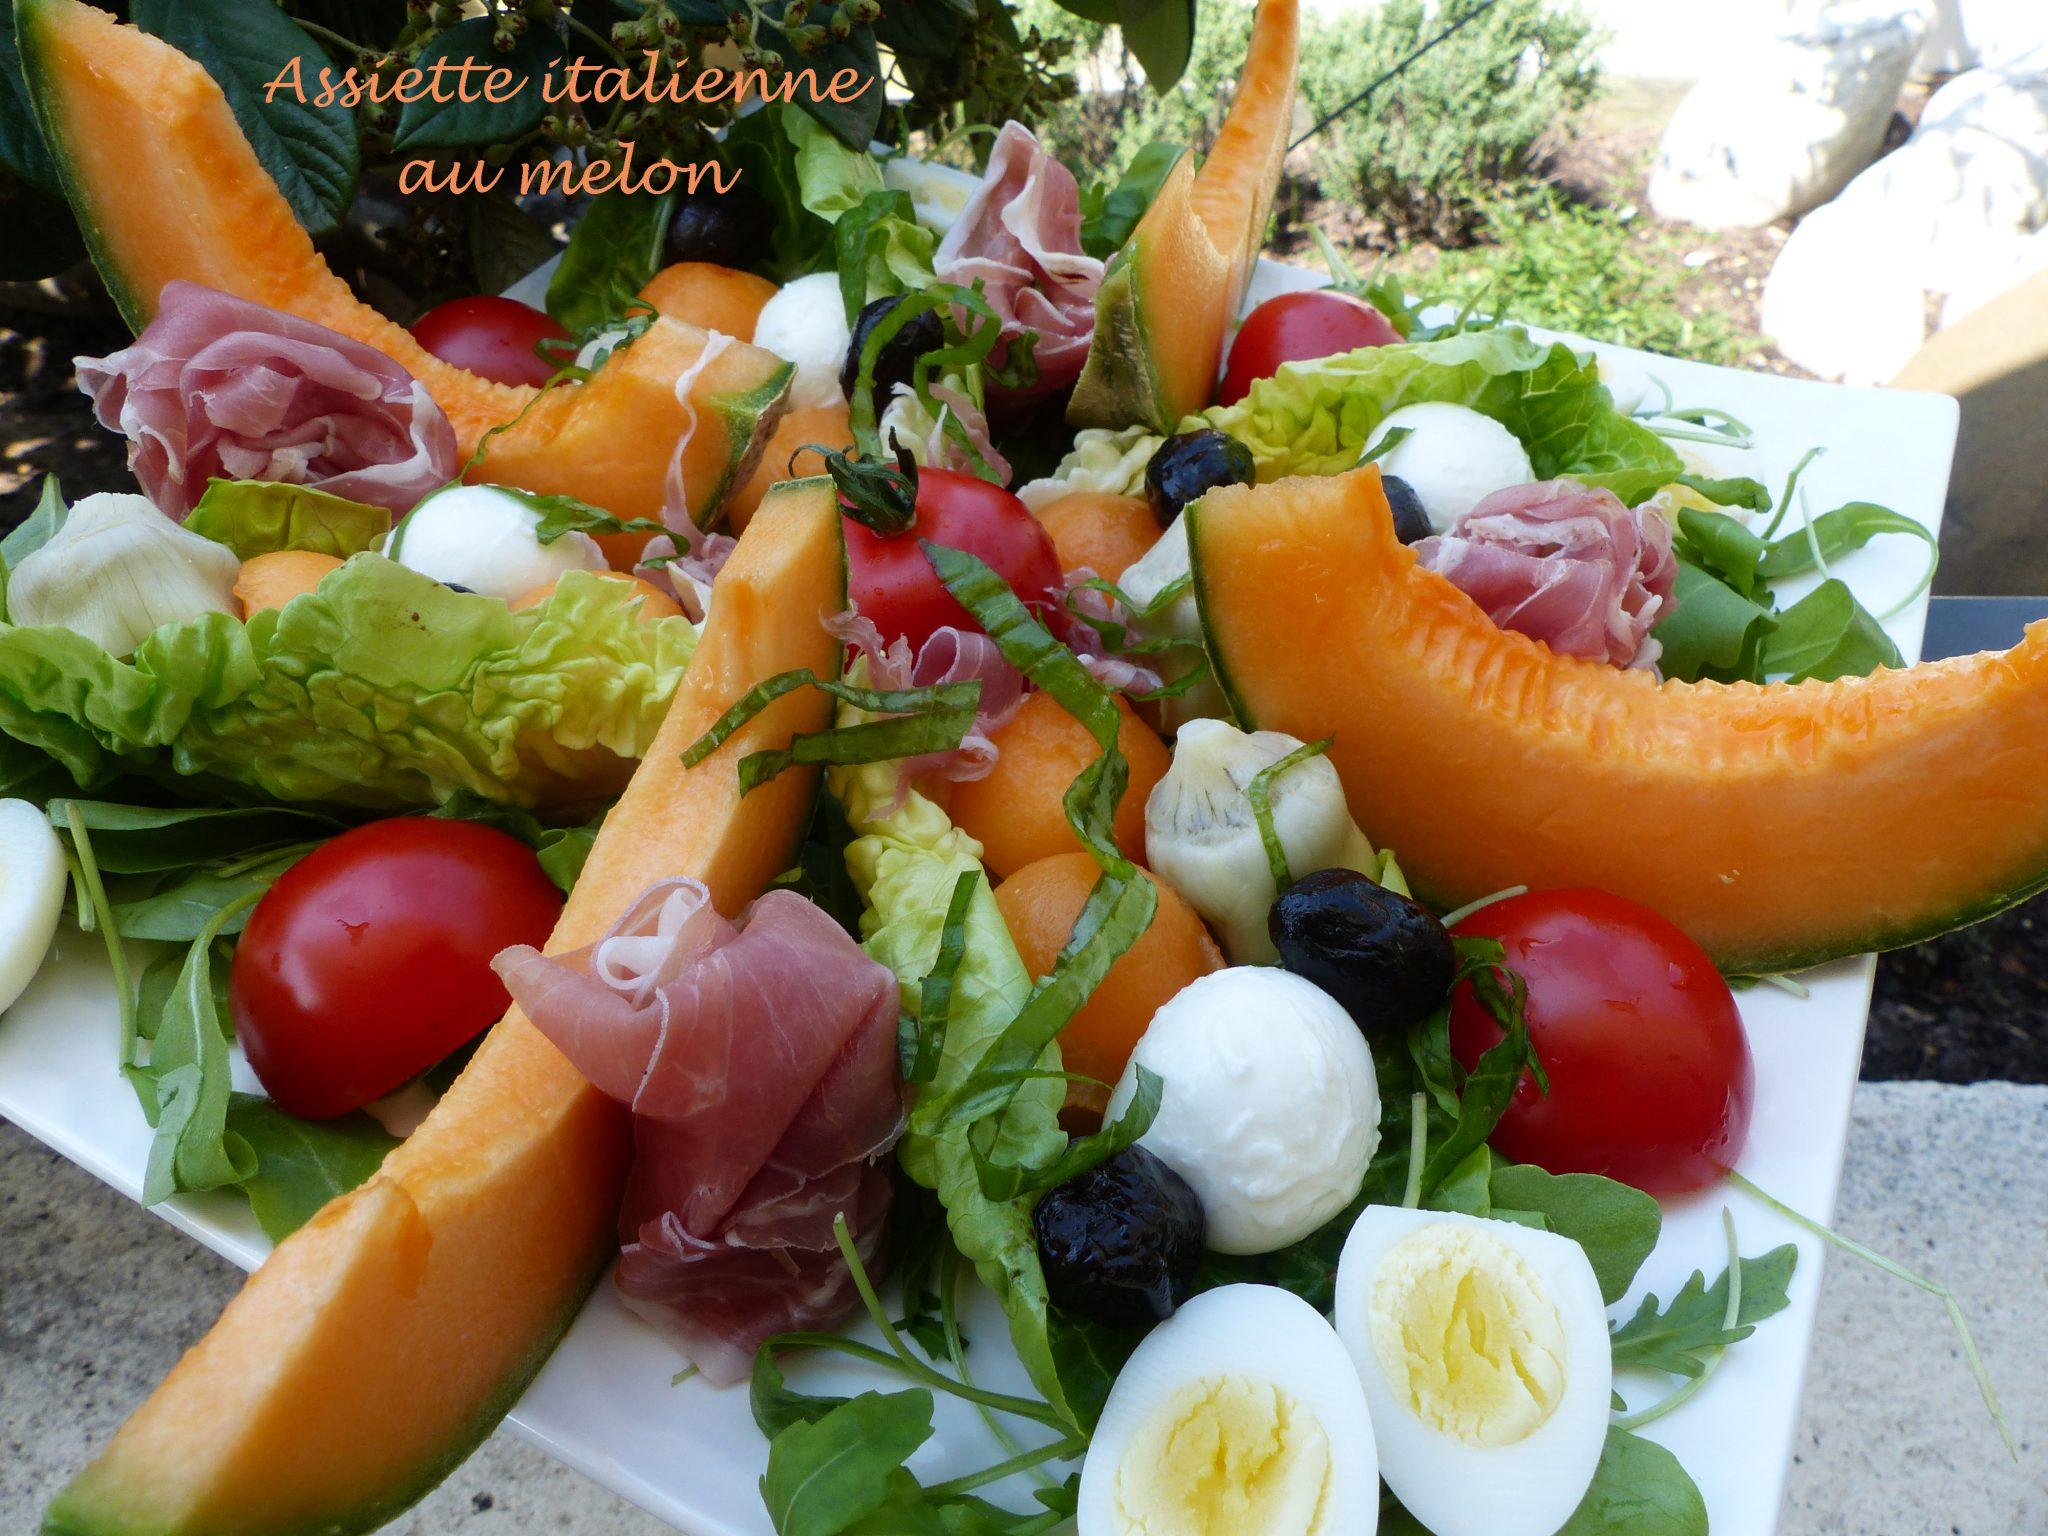 Assiette italienne au melon P1110759 R